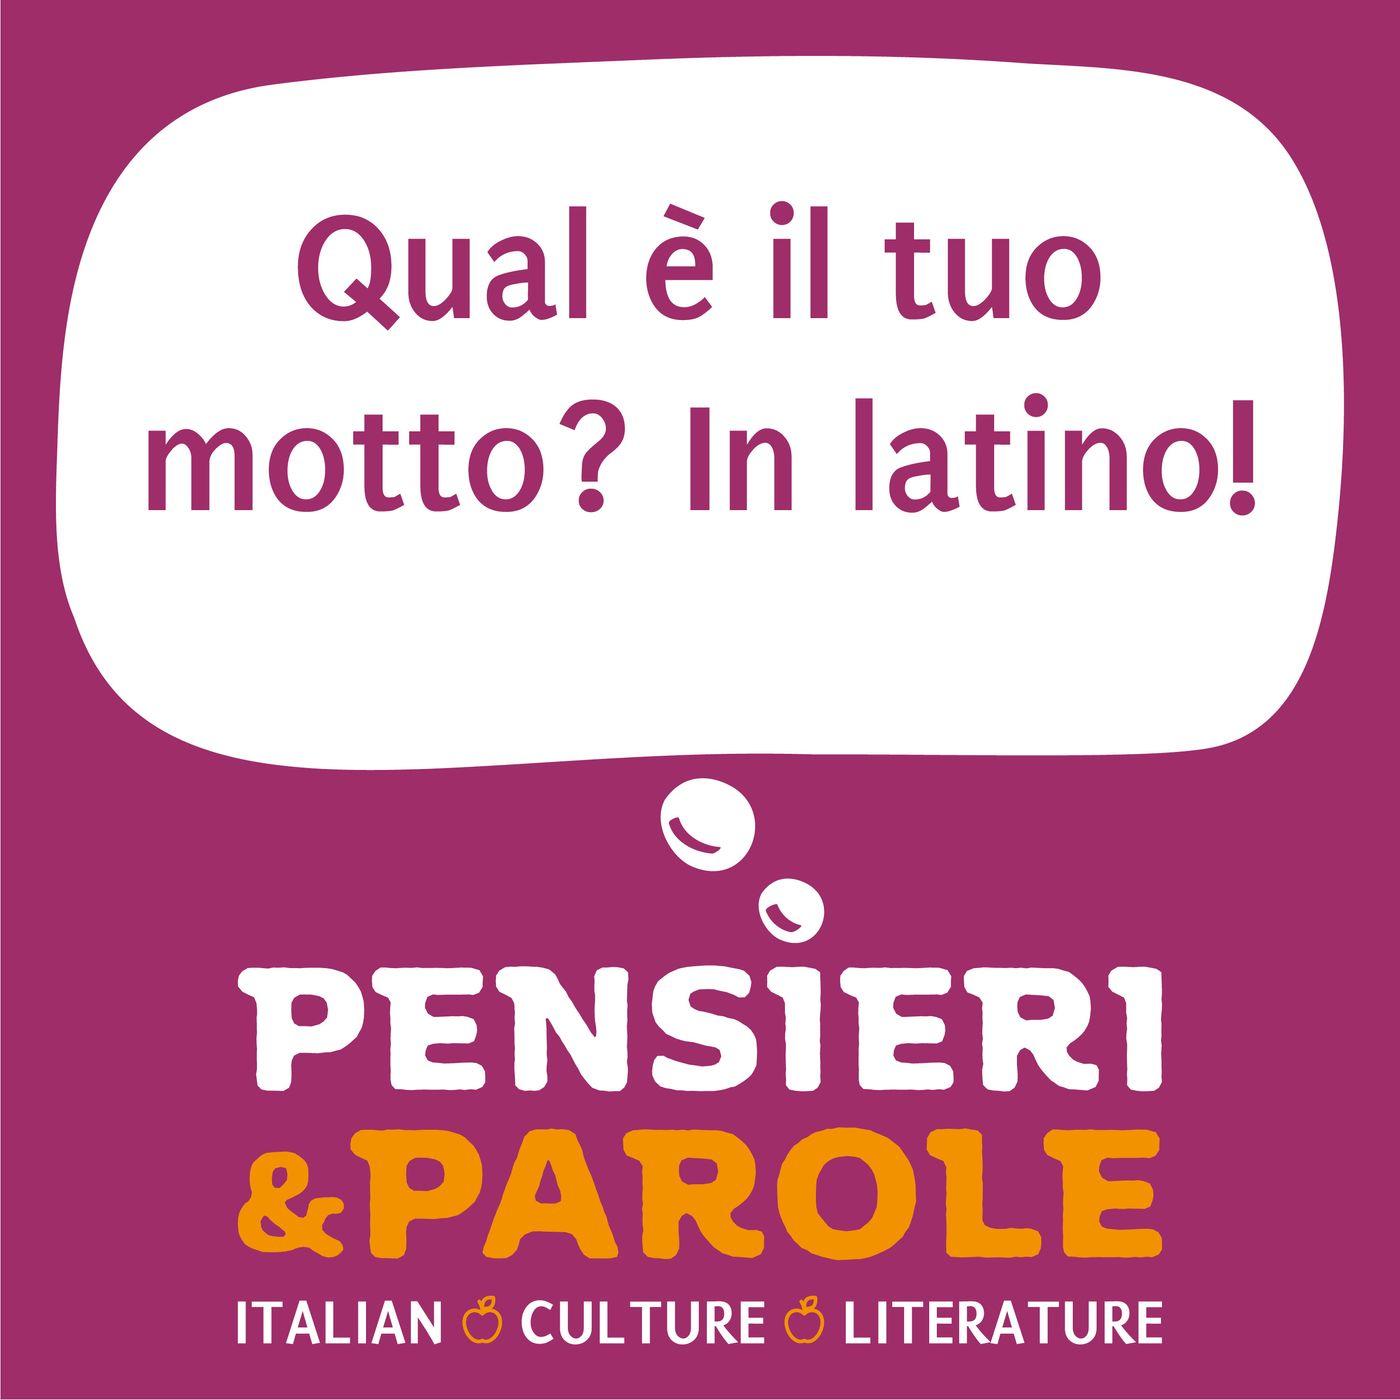 63_Qual è il tuo motto? In latino!